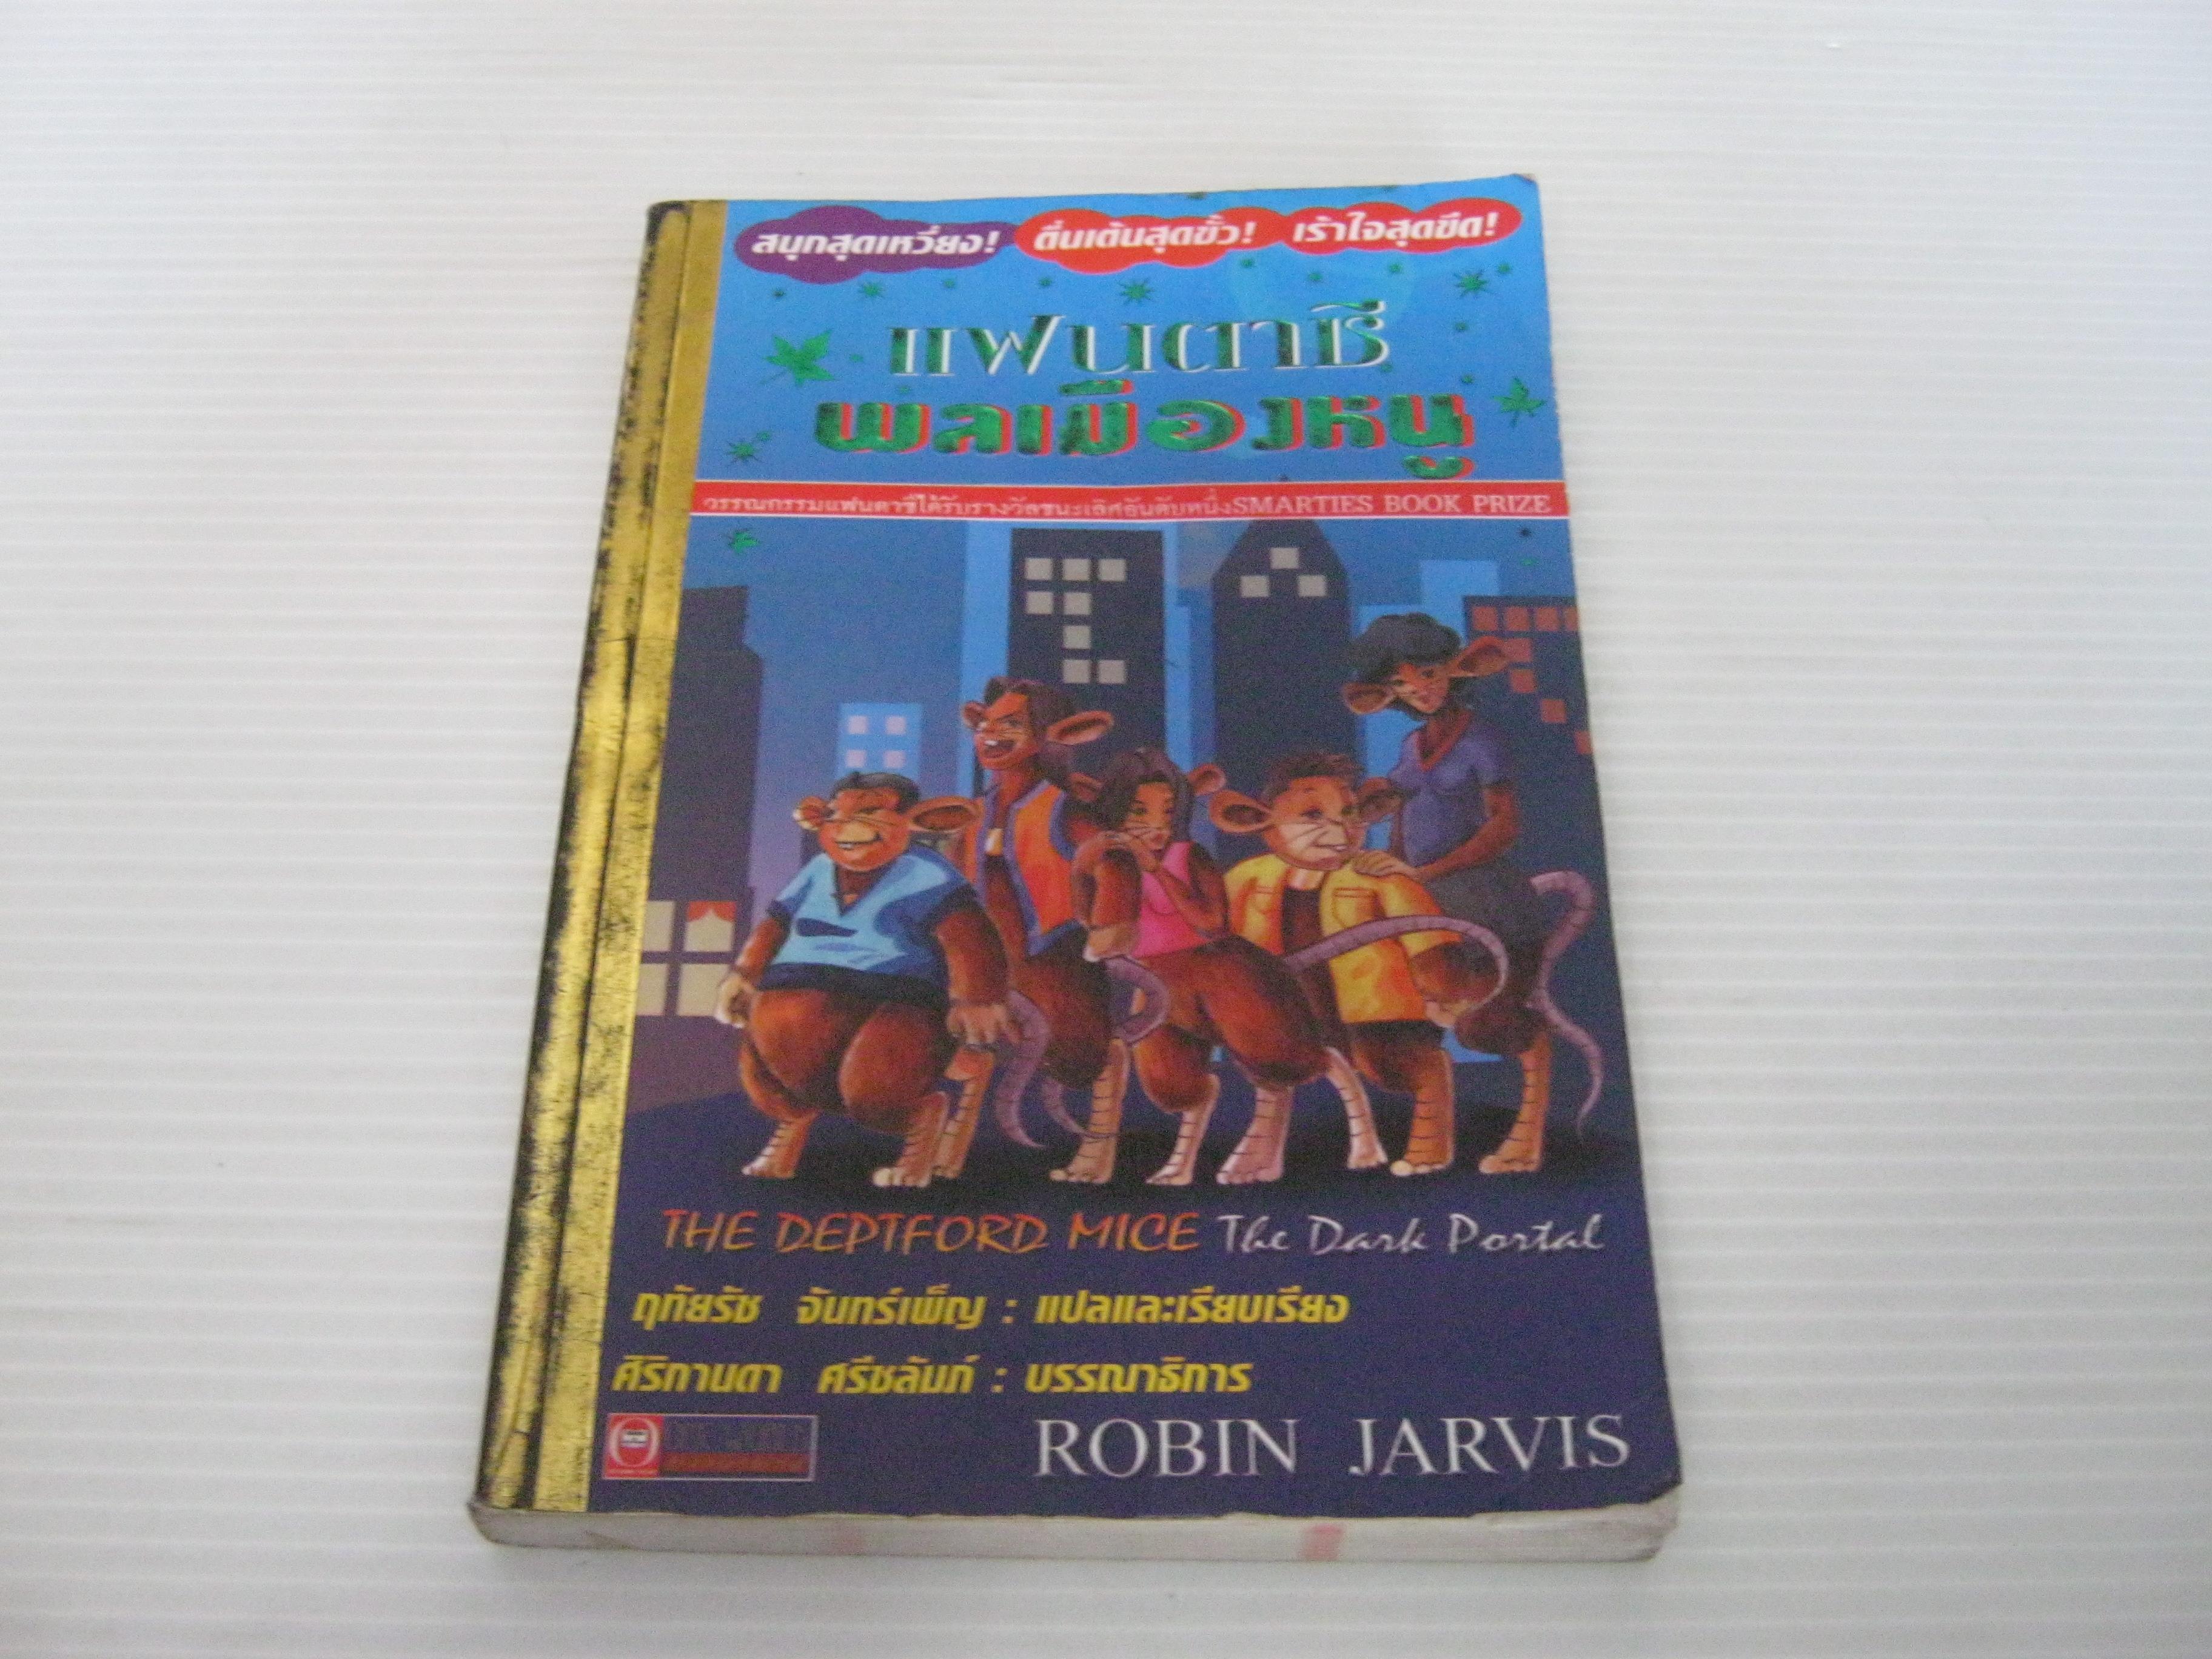 แฟนตาซีพลเมืองหนู (The Deptford Mice : The Dark Portal) Robin Jarvis เขียน ฤทัยรัช จันทร์เพ็ญ แปลและเรียบเรียง